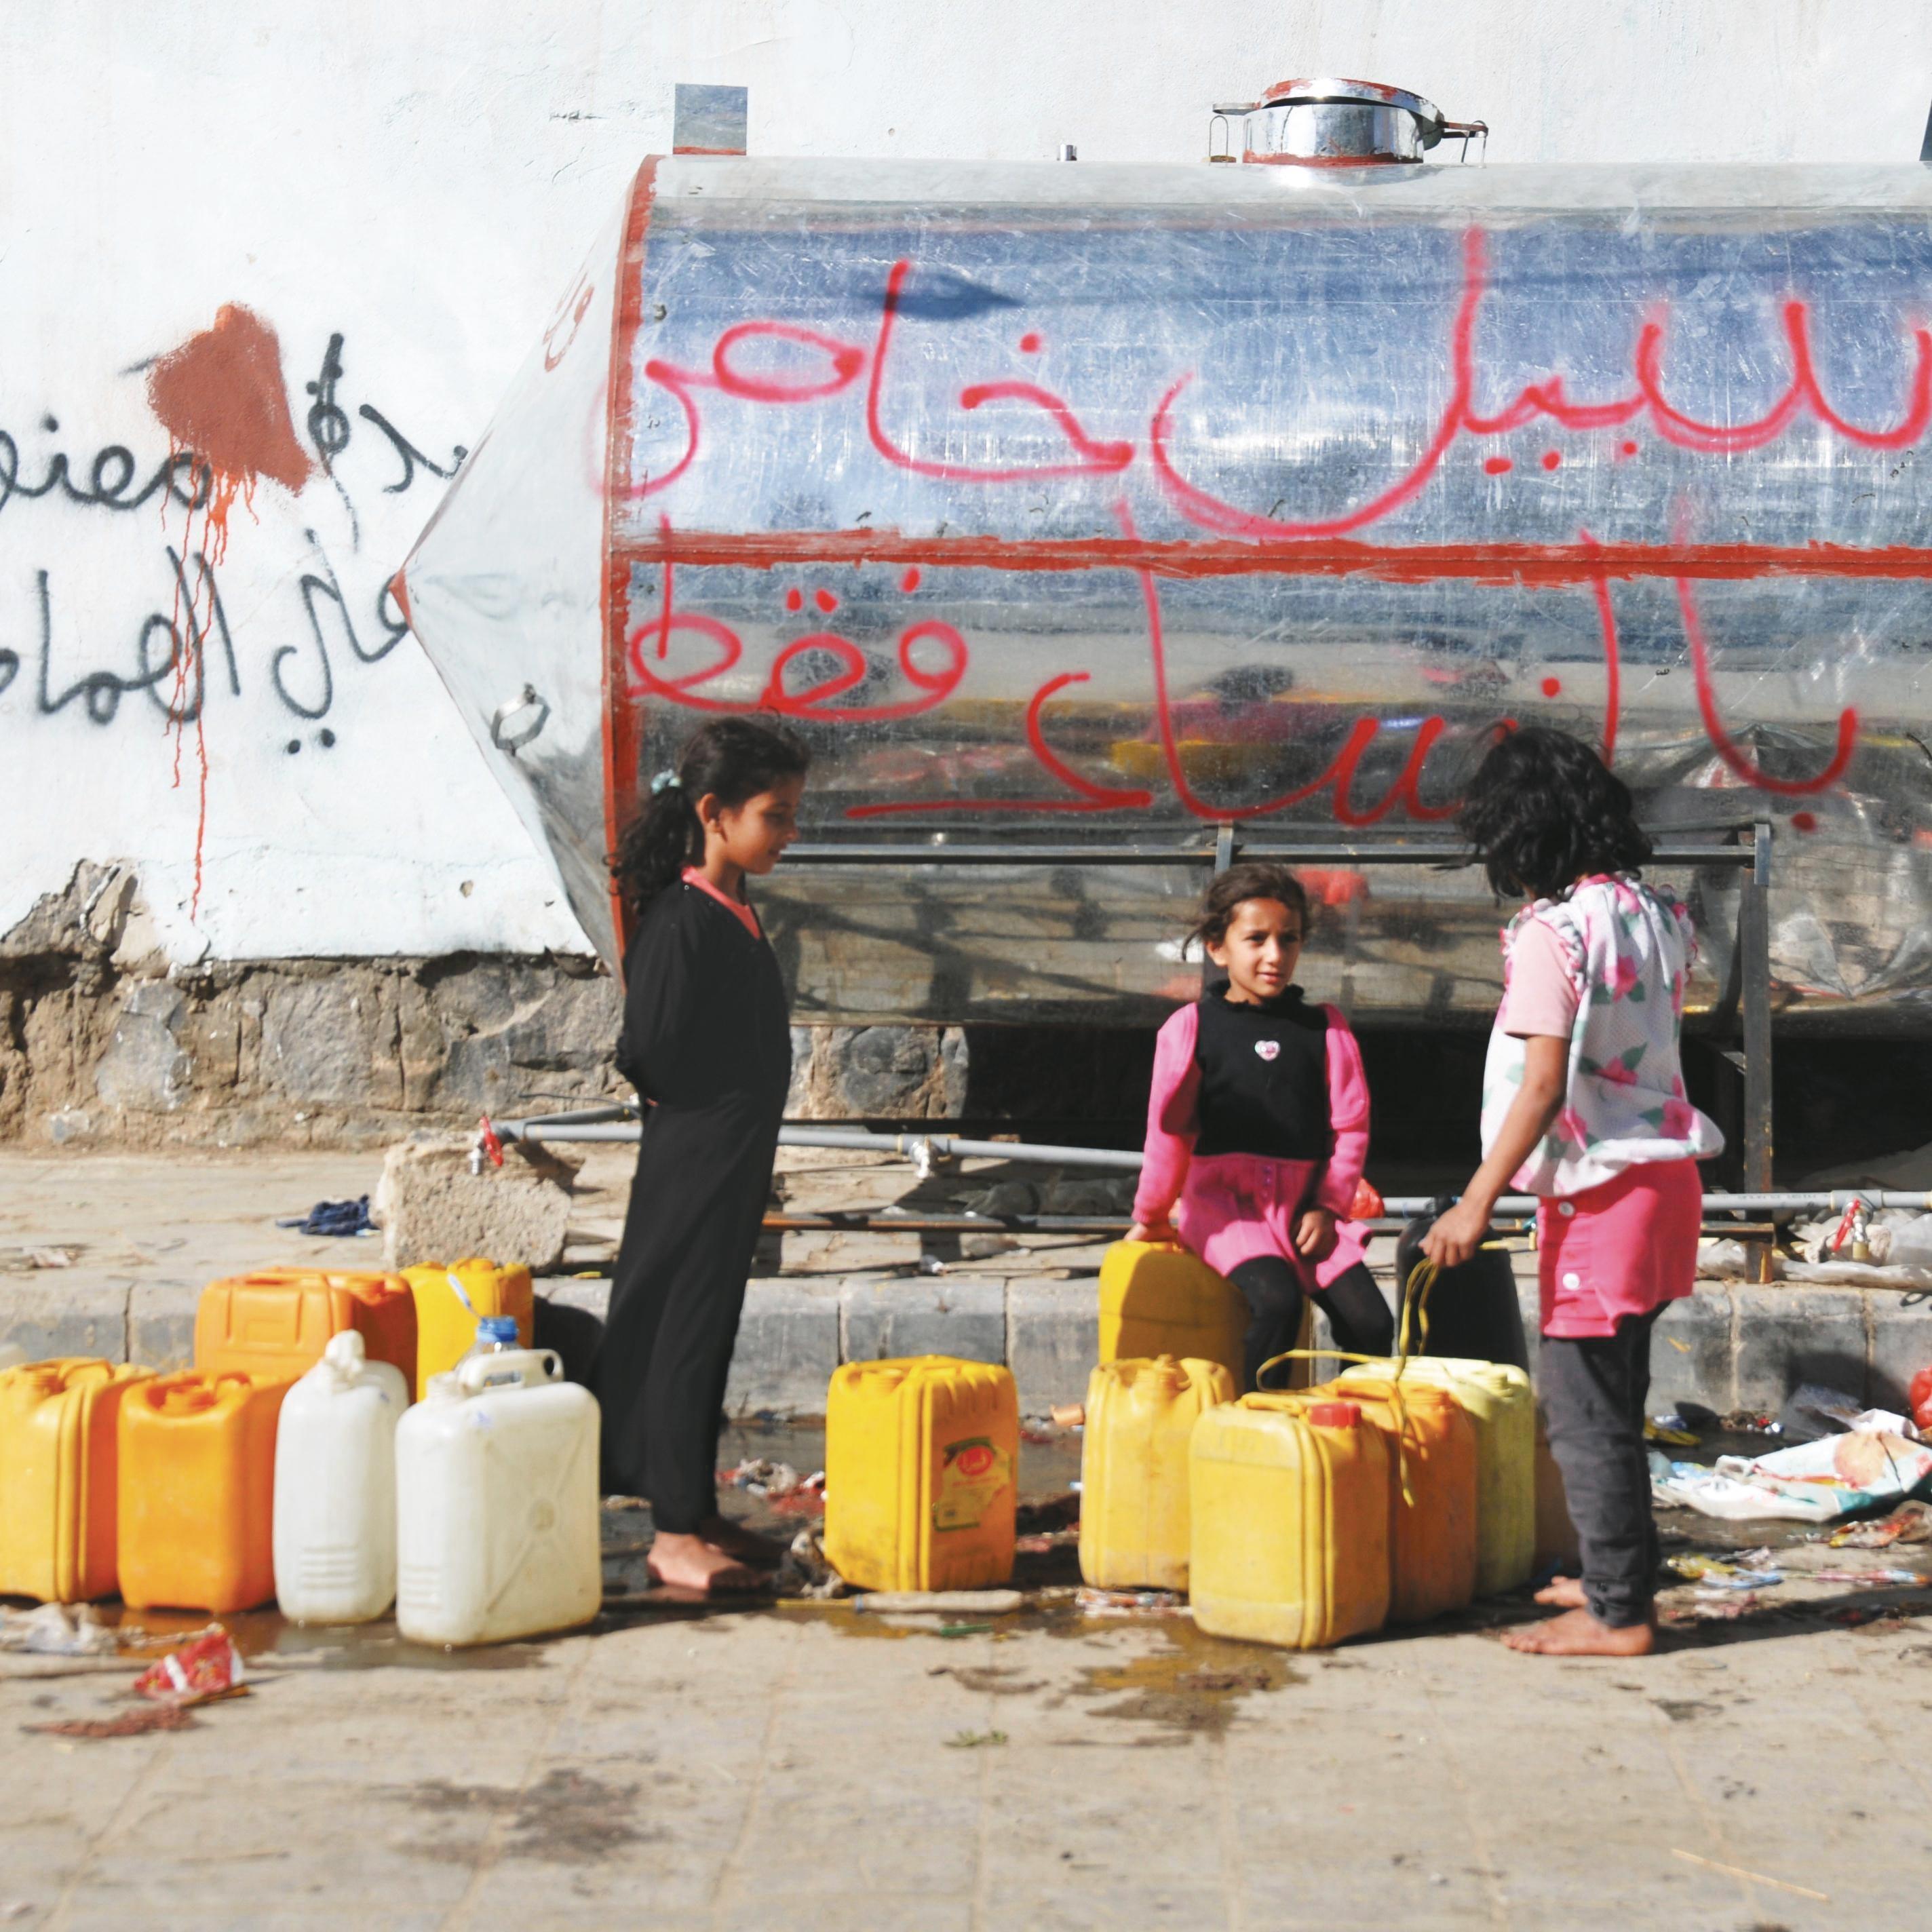 Collecte d'eau au Yémen